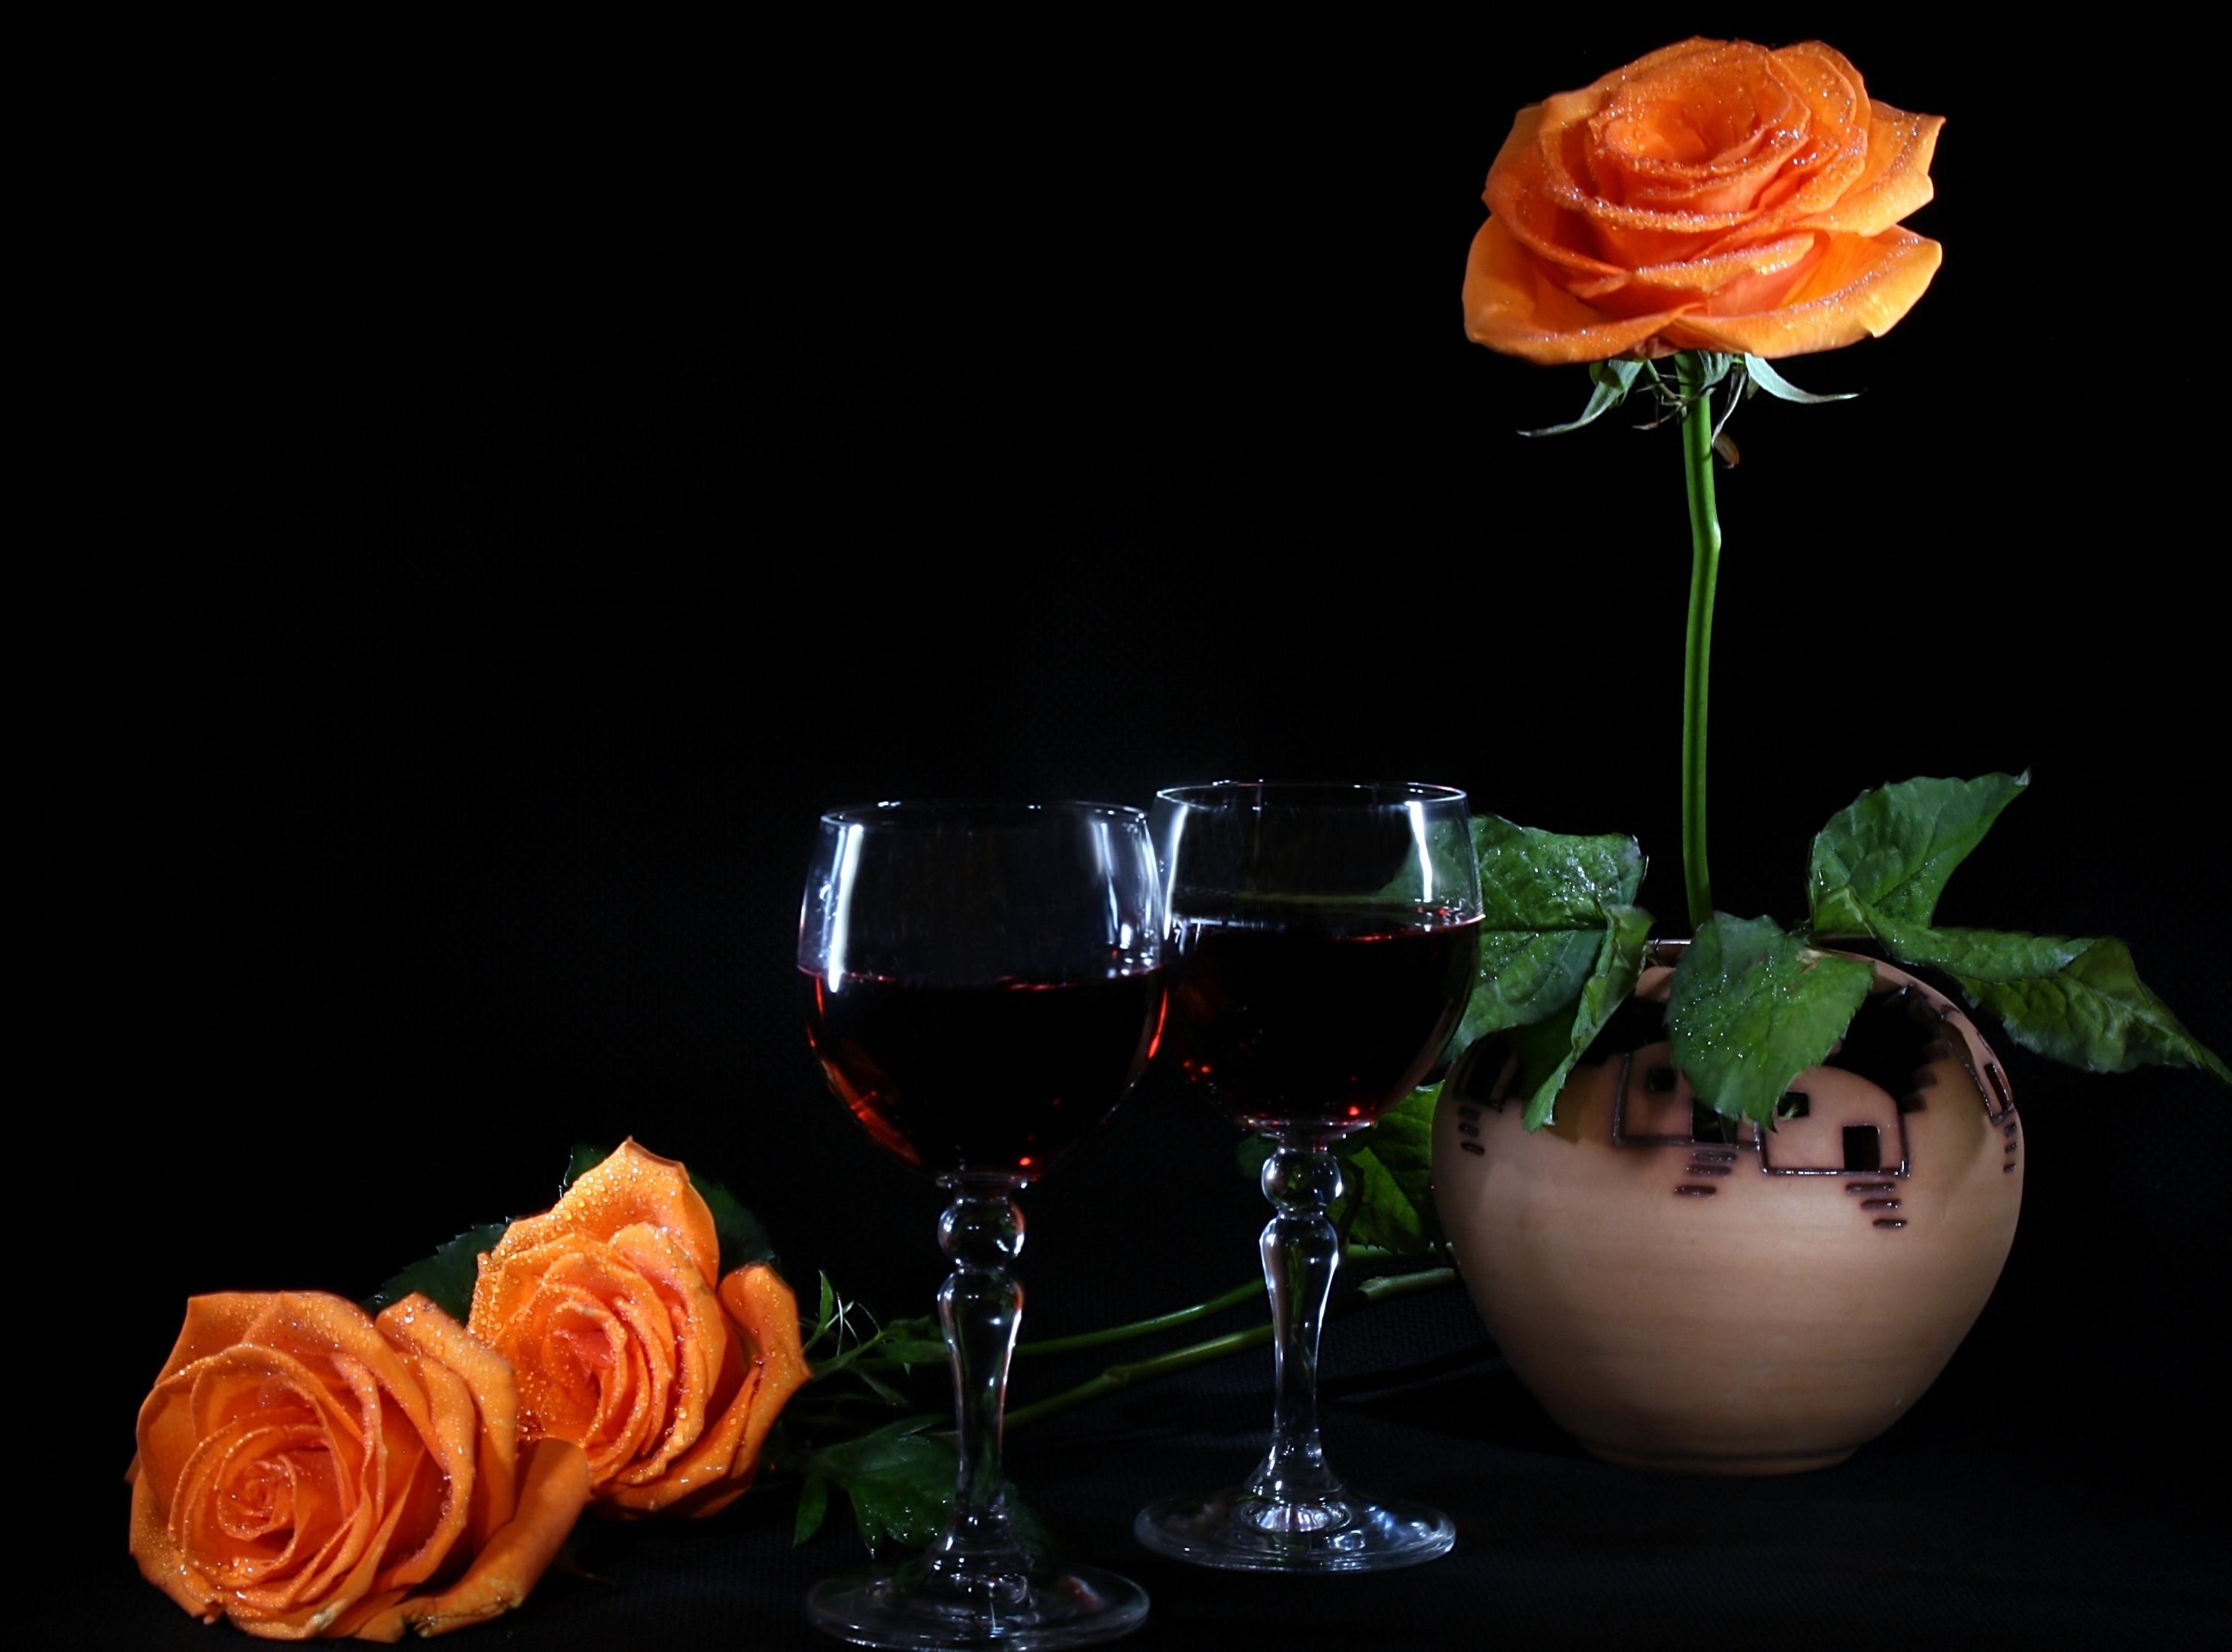 розы, желтые, сервировка, фужеры, свечи скачать